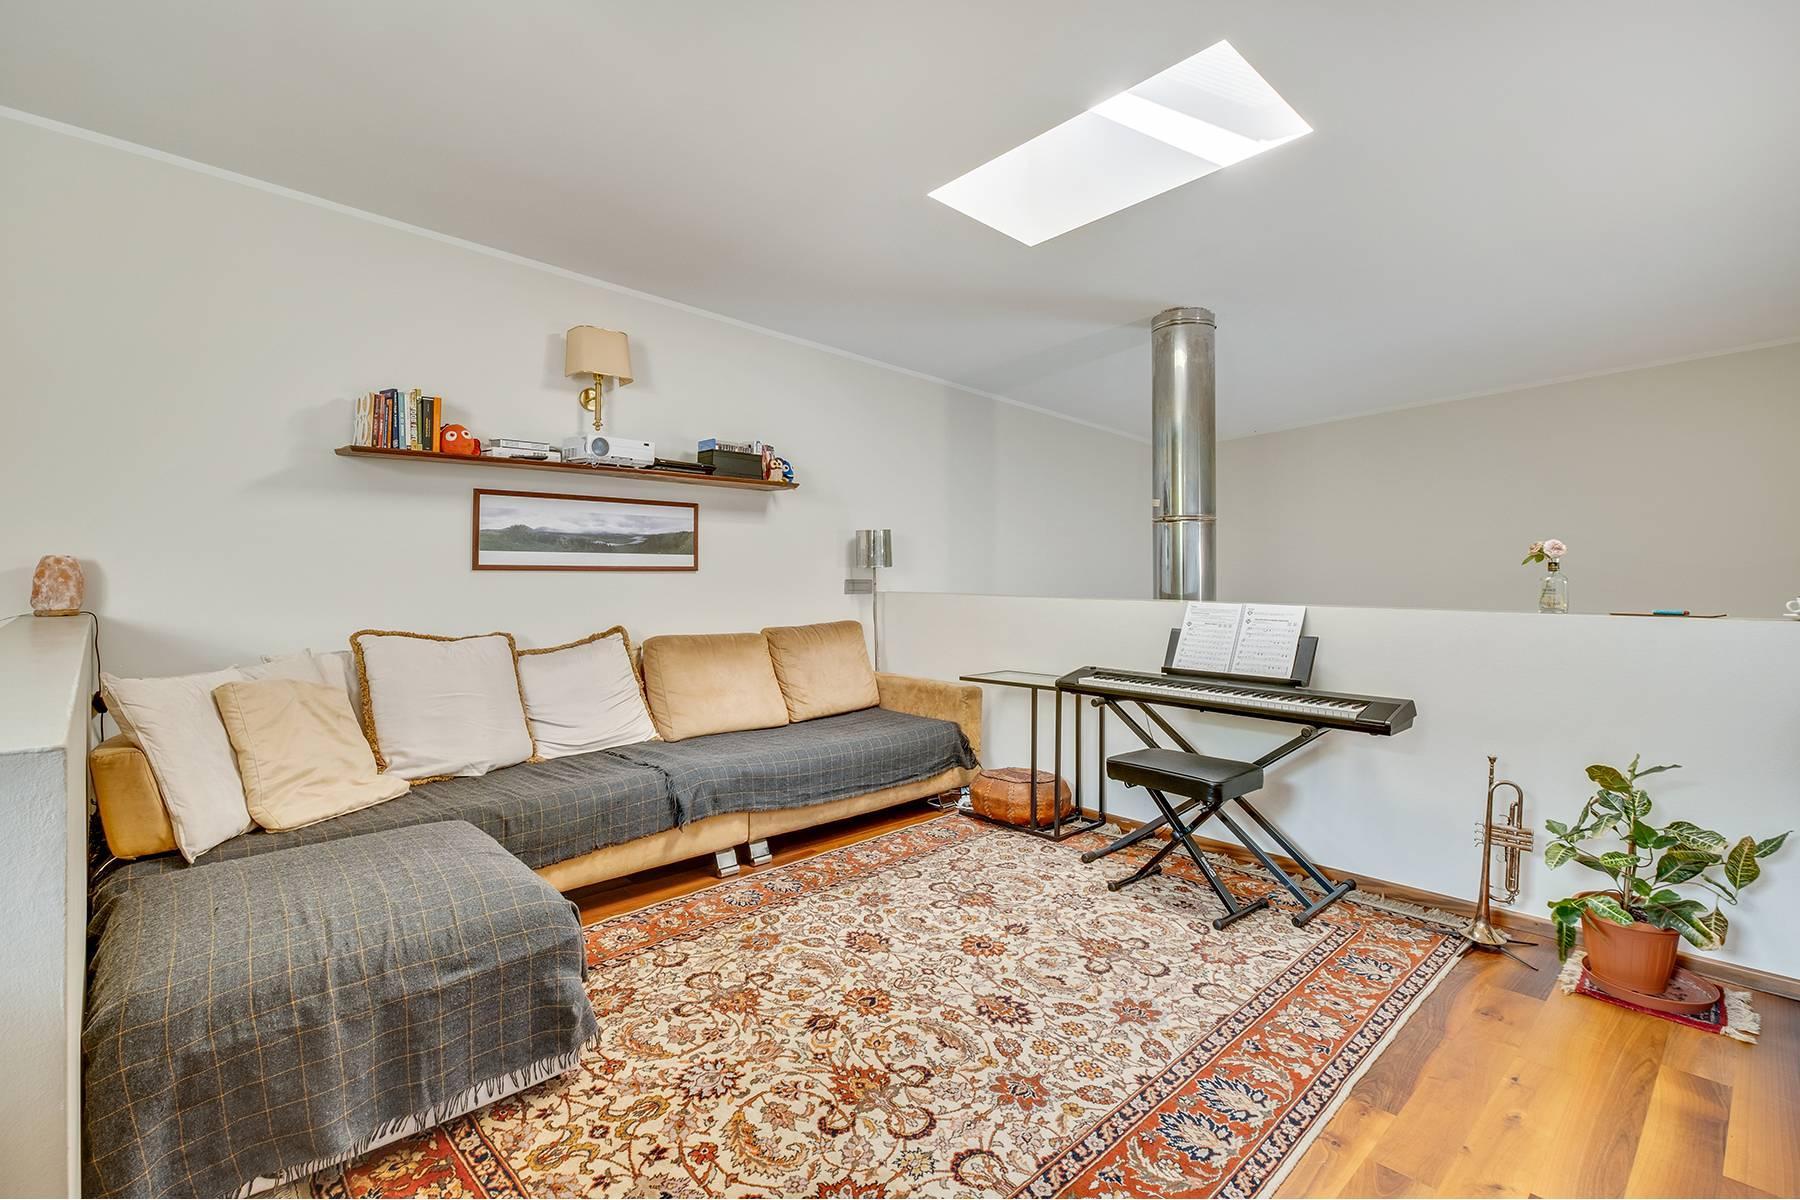 Contemporary villa in the Franciacorta area - 20